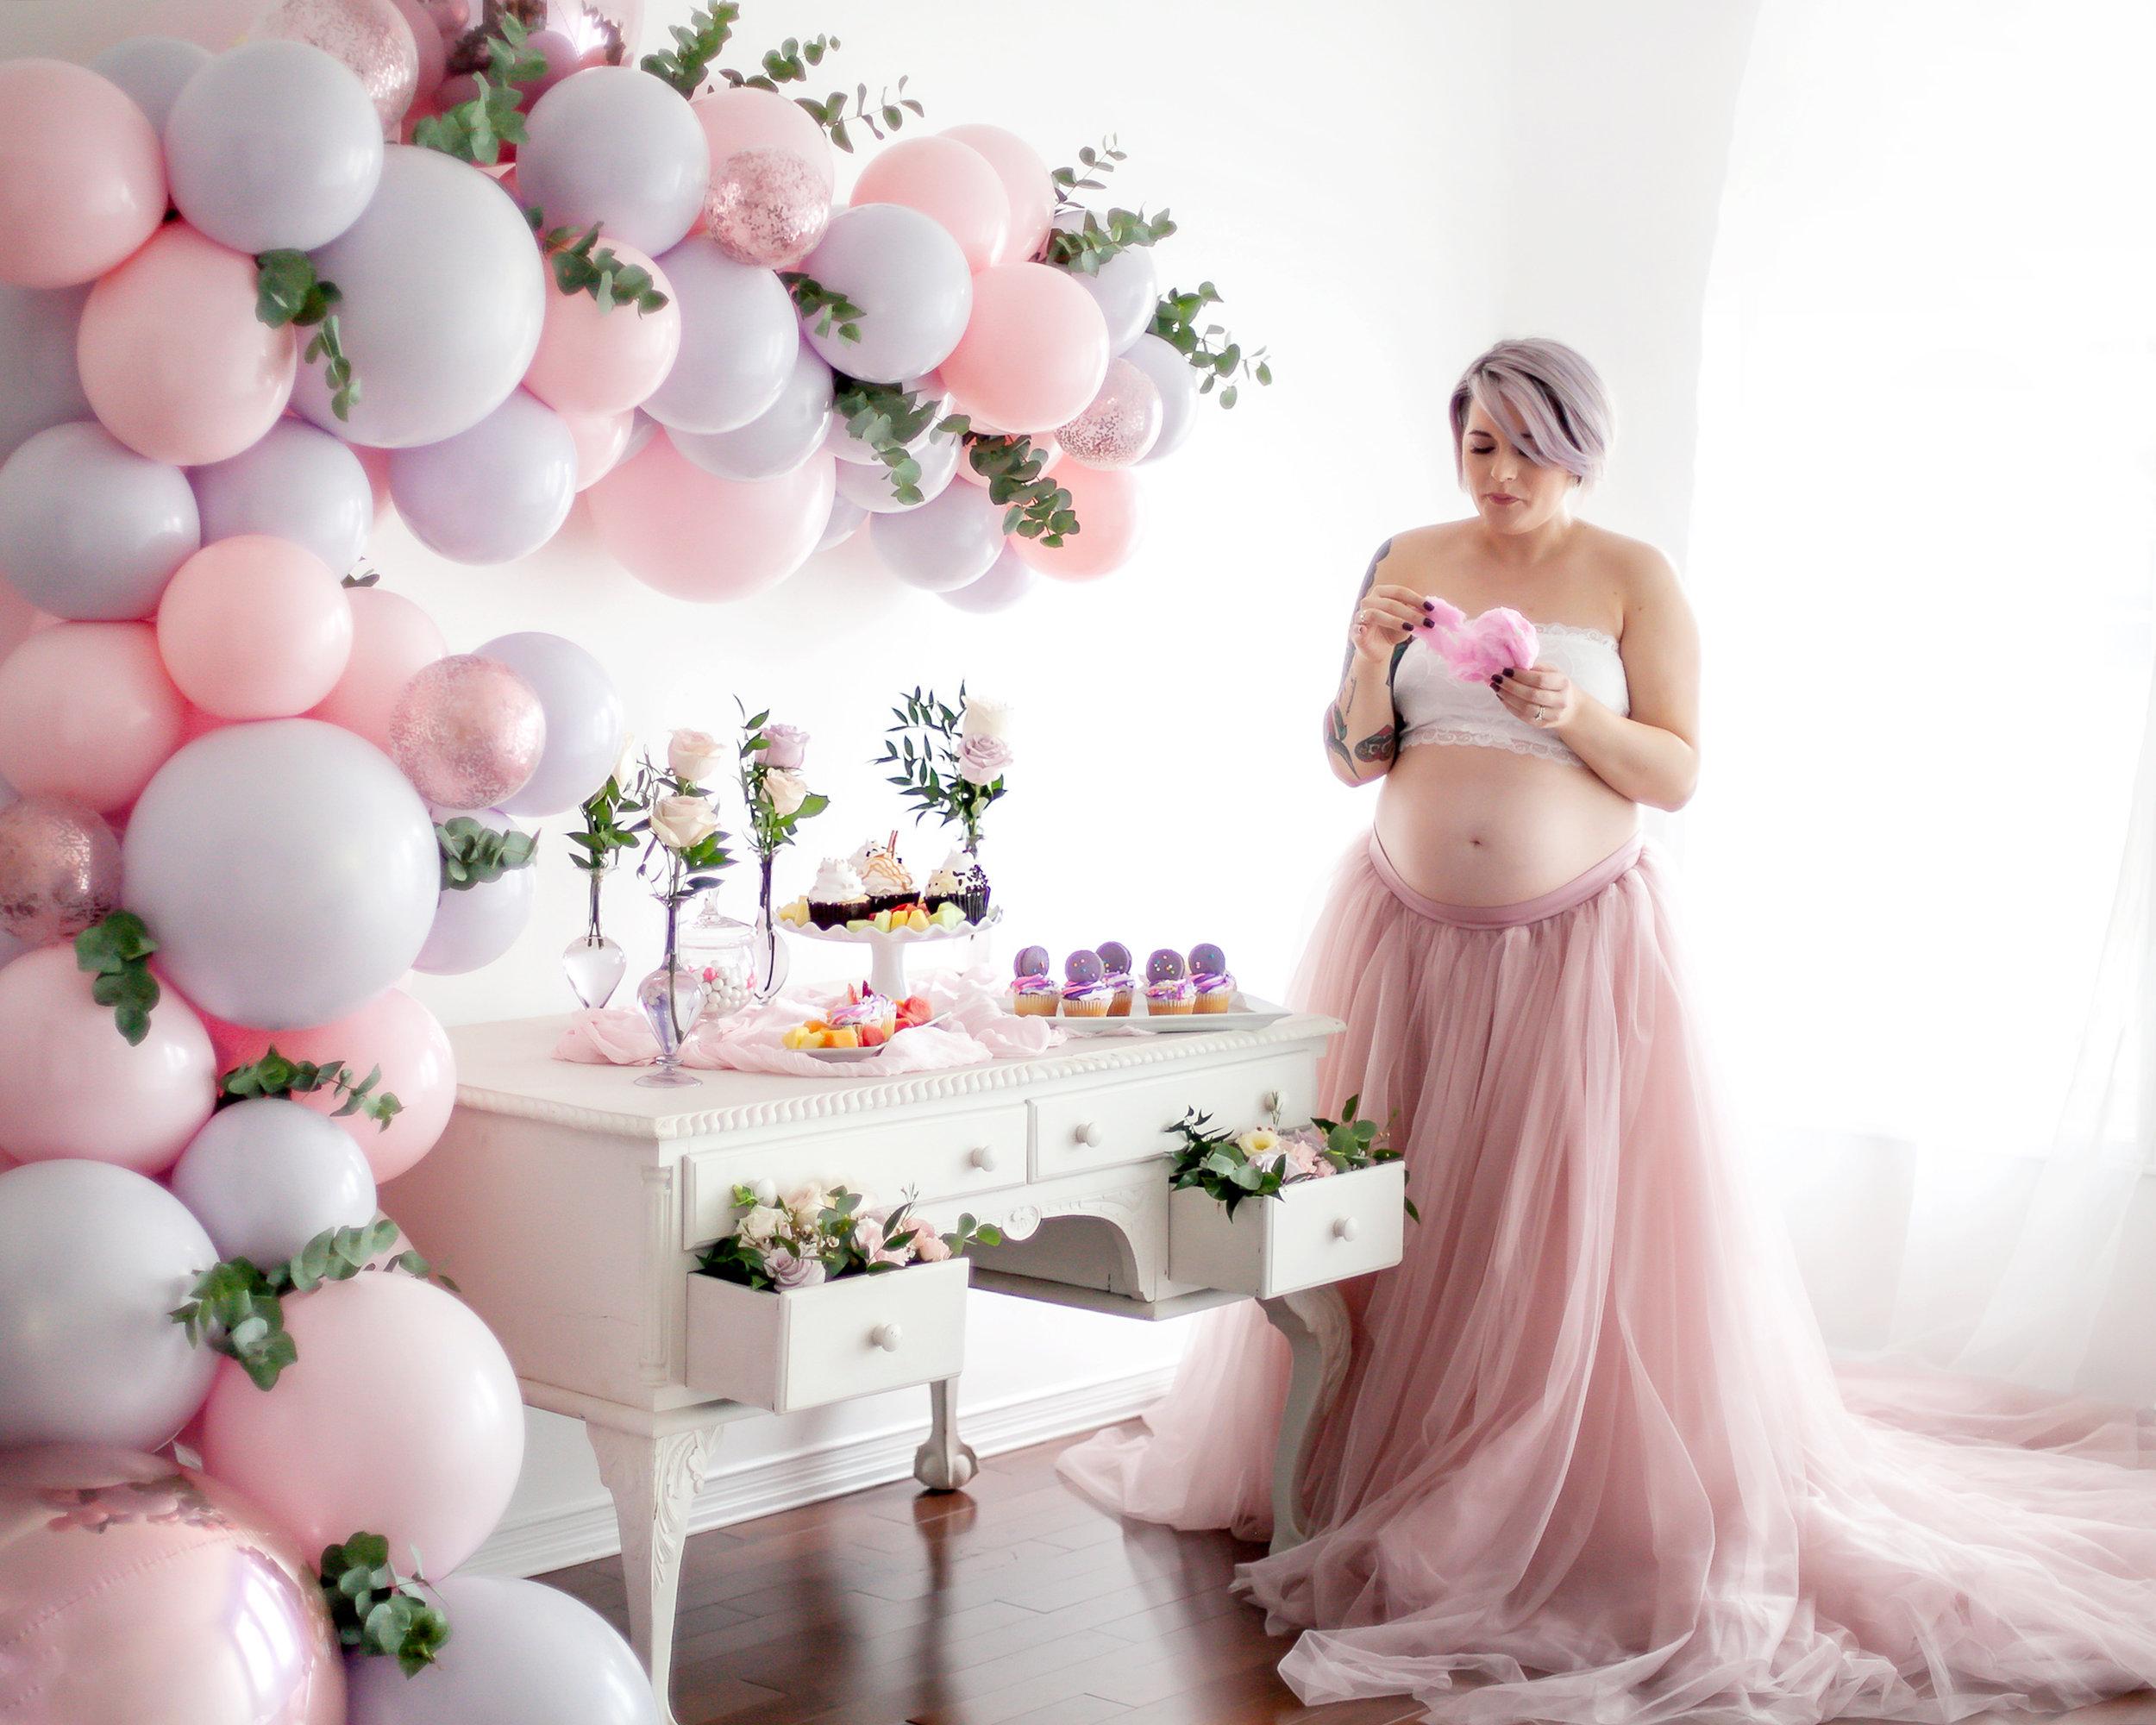 Styled_Pink_Maternity_Photoshoot_Photographer_Whitby_Oshawa_Toronto_Petra_King_Photography